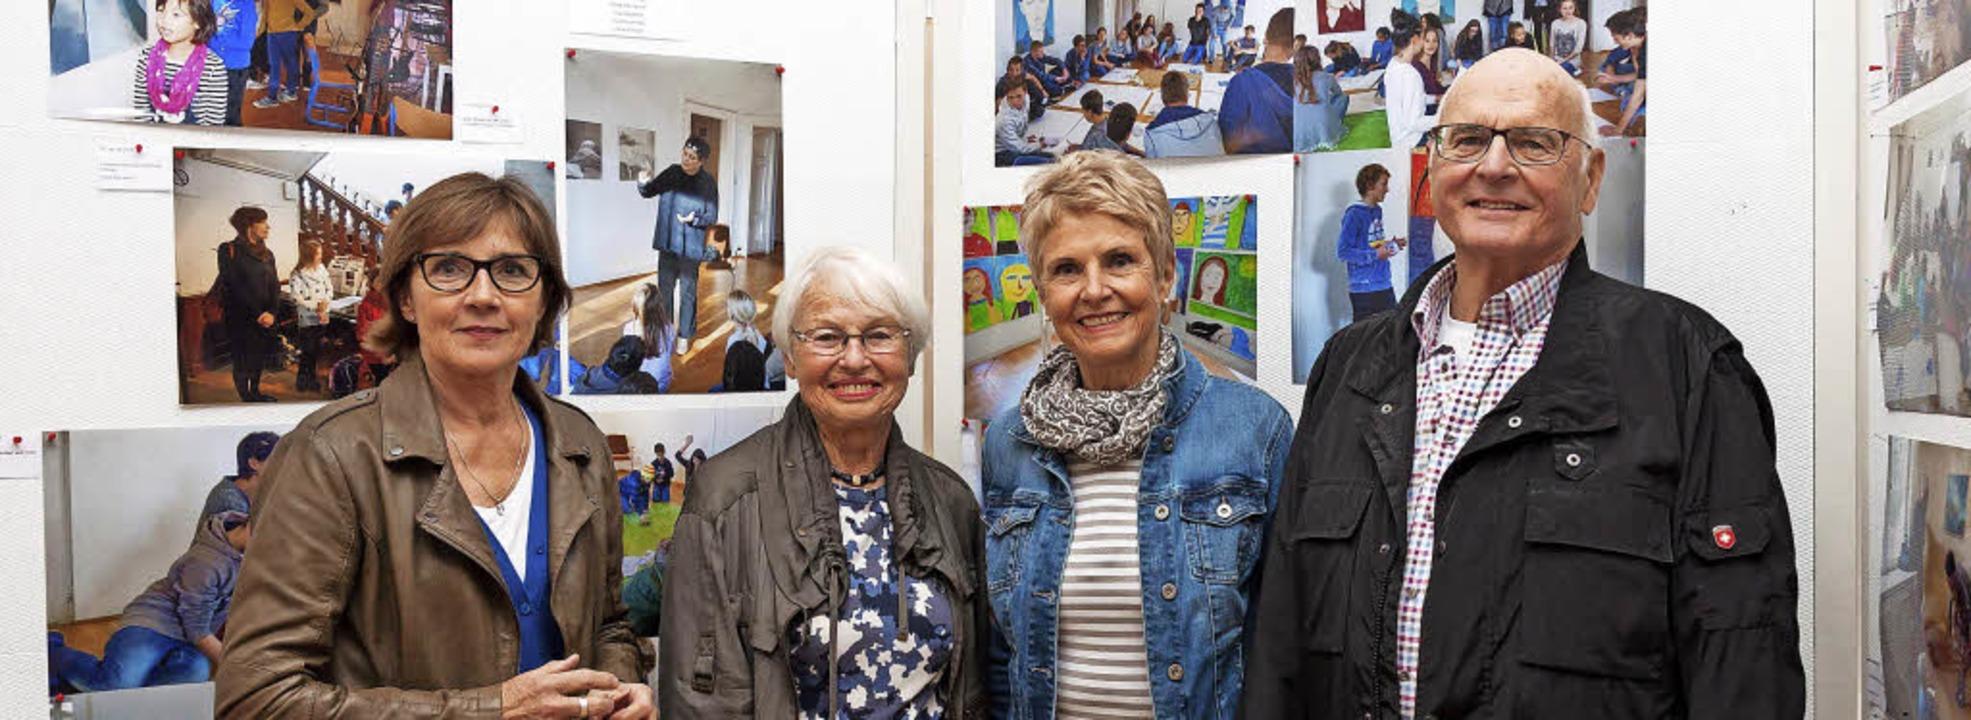 Freuen sich auf die Ausstellungseröffn...Volker Lindemann und Ulrike Schräder.   | Foto: Fotos: Helmut Rothermel